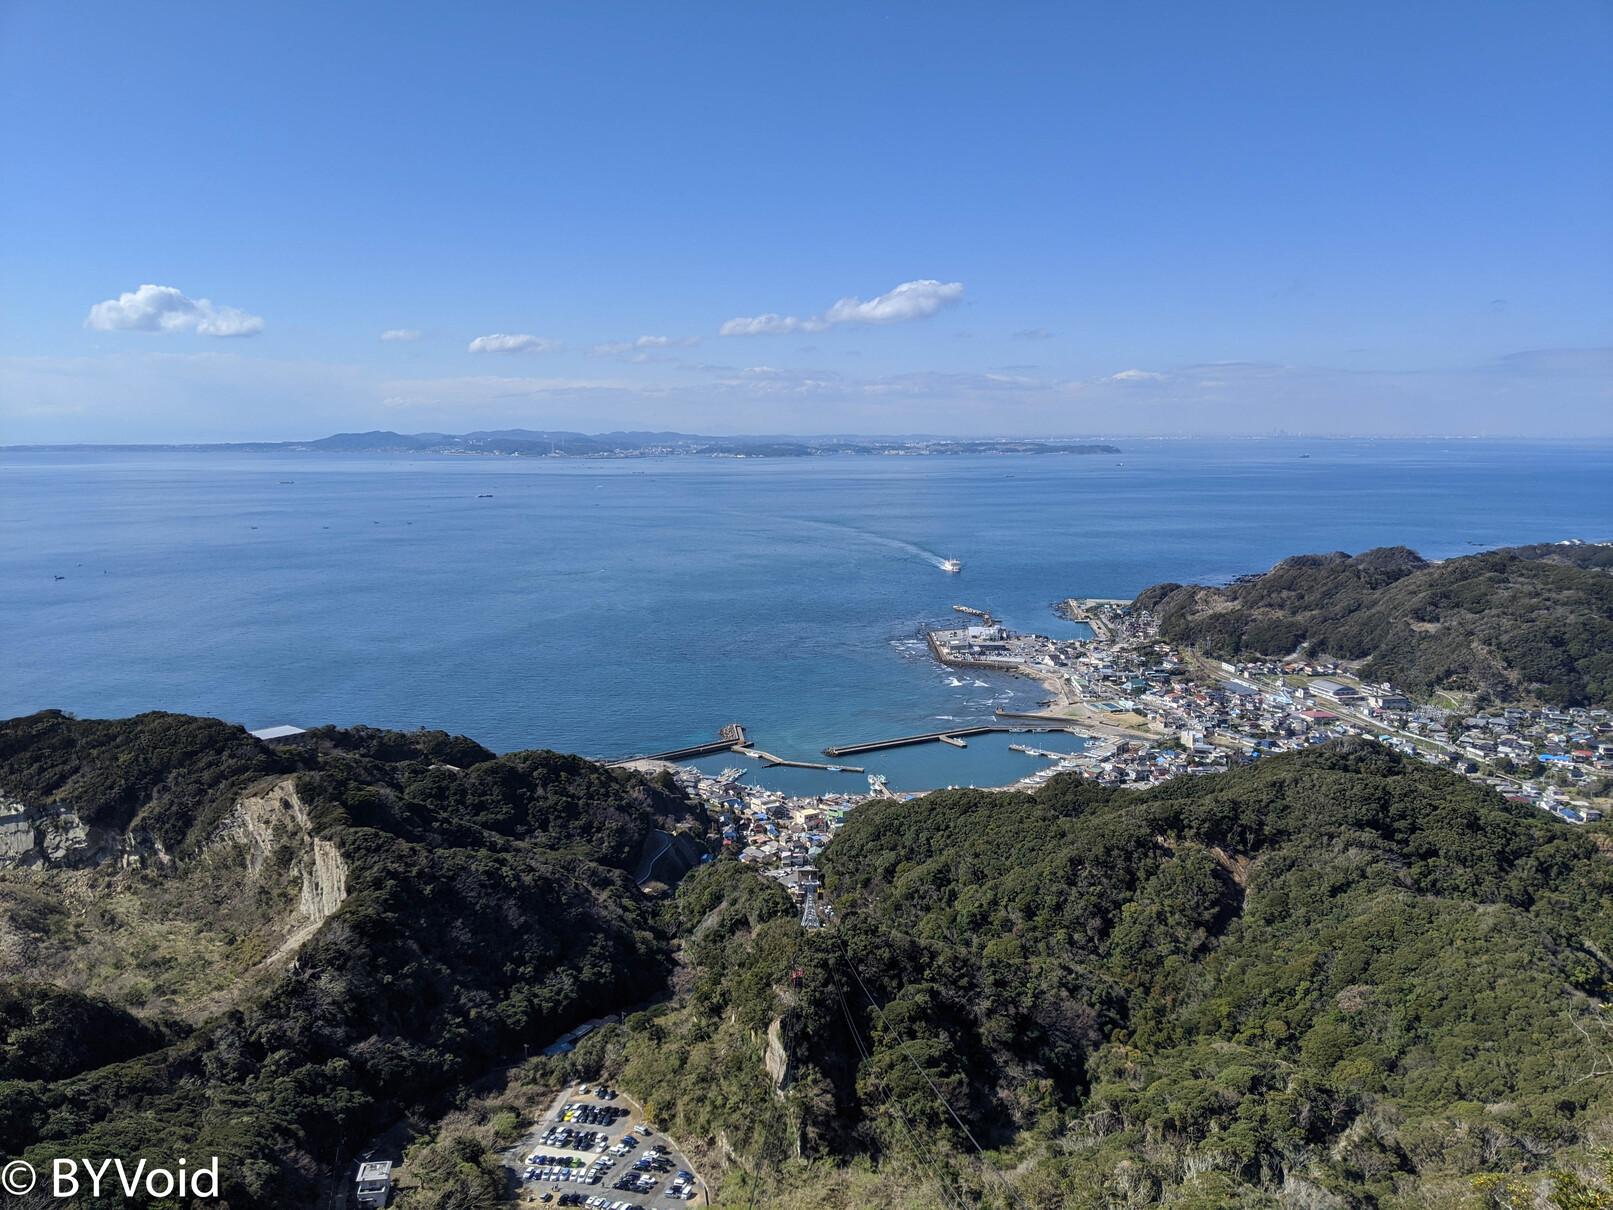 锯山展望东京湾